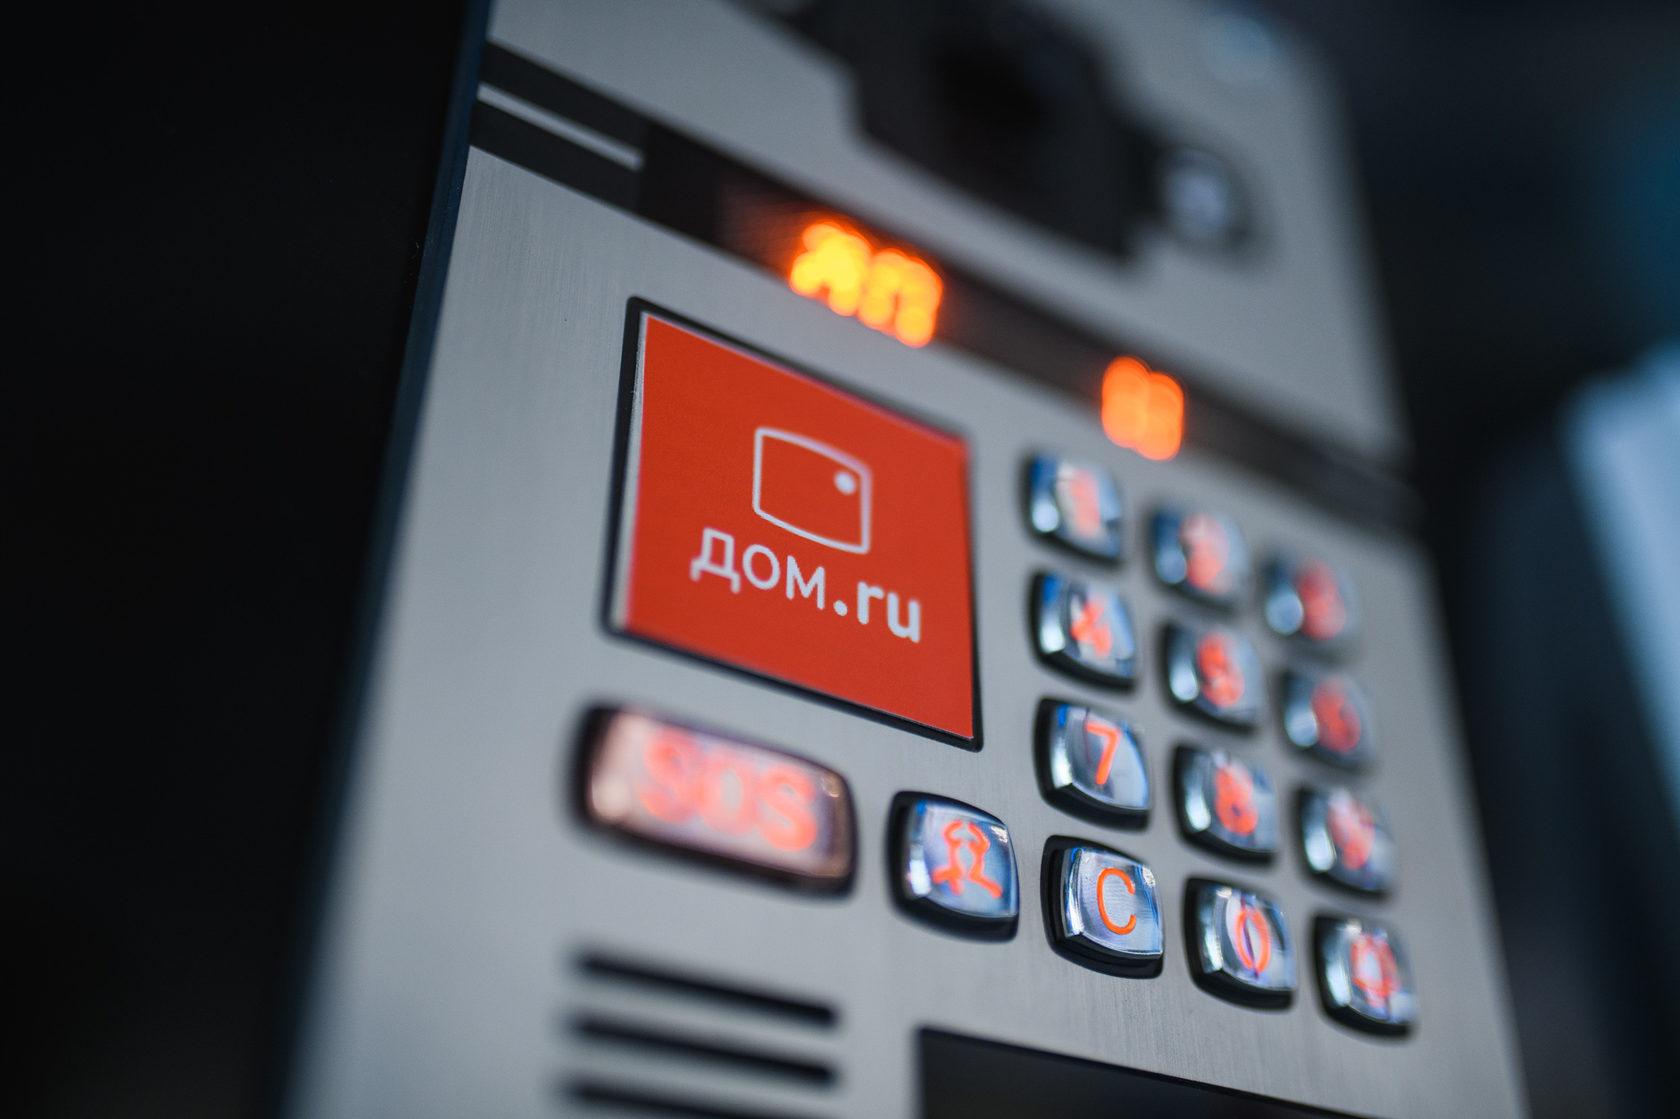 «Дом.ру» заменит устаревшие домофоны на «умные» цифровые системы